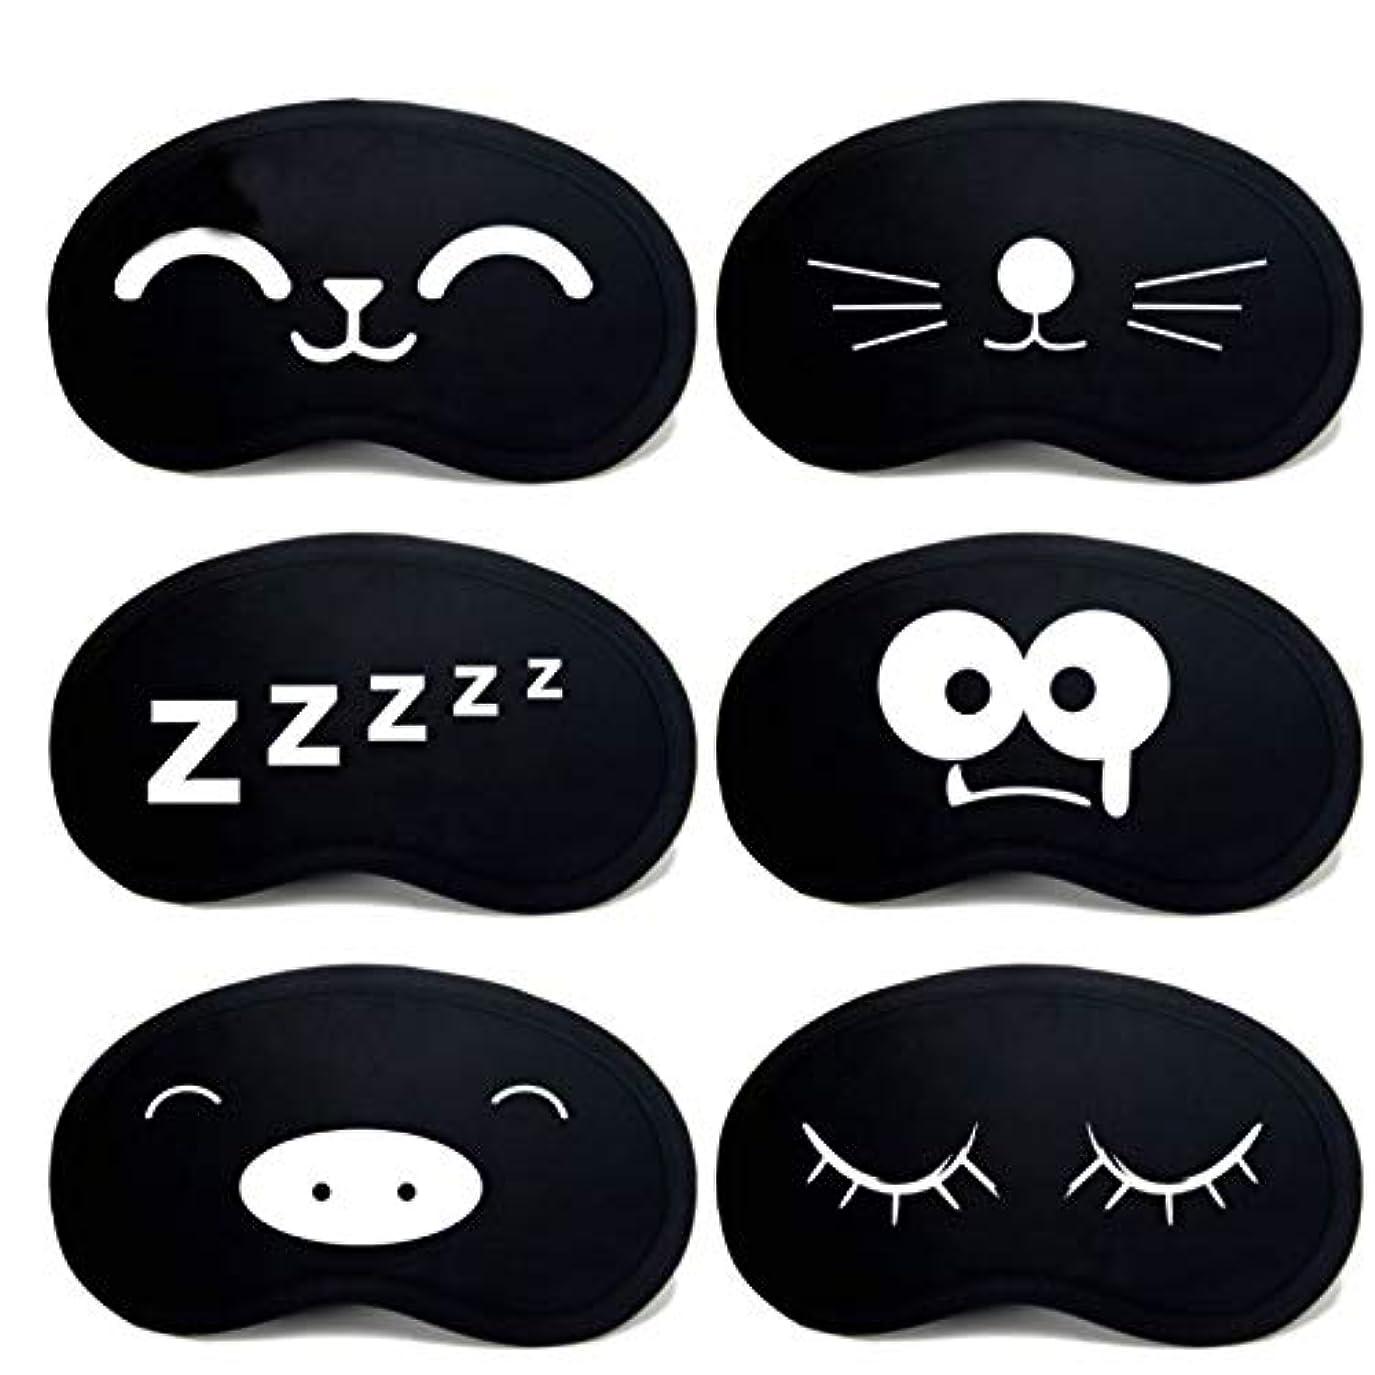 請求書リア王郵便番号注面白いProtable素敵な睡眠アイマスクソフトパッド入り睡眠旅行シェードカバー残りリラックス睡眠目隠し